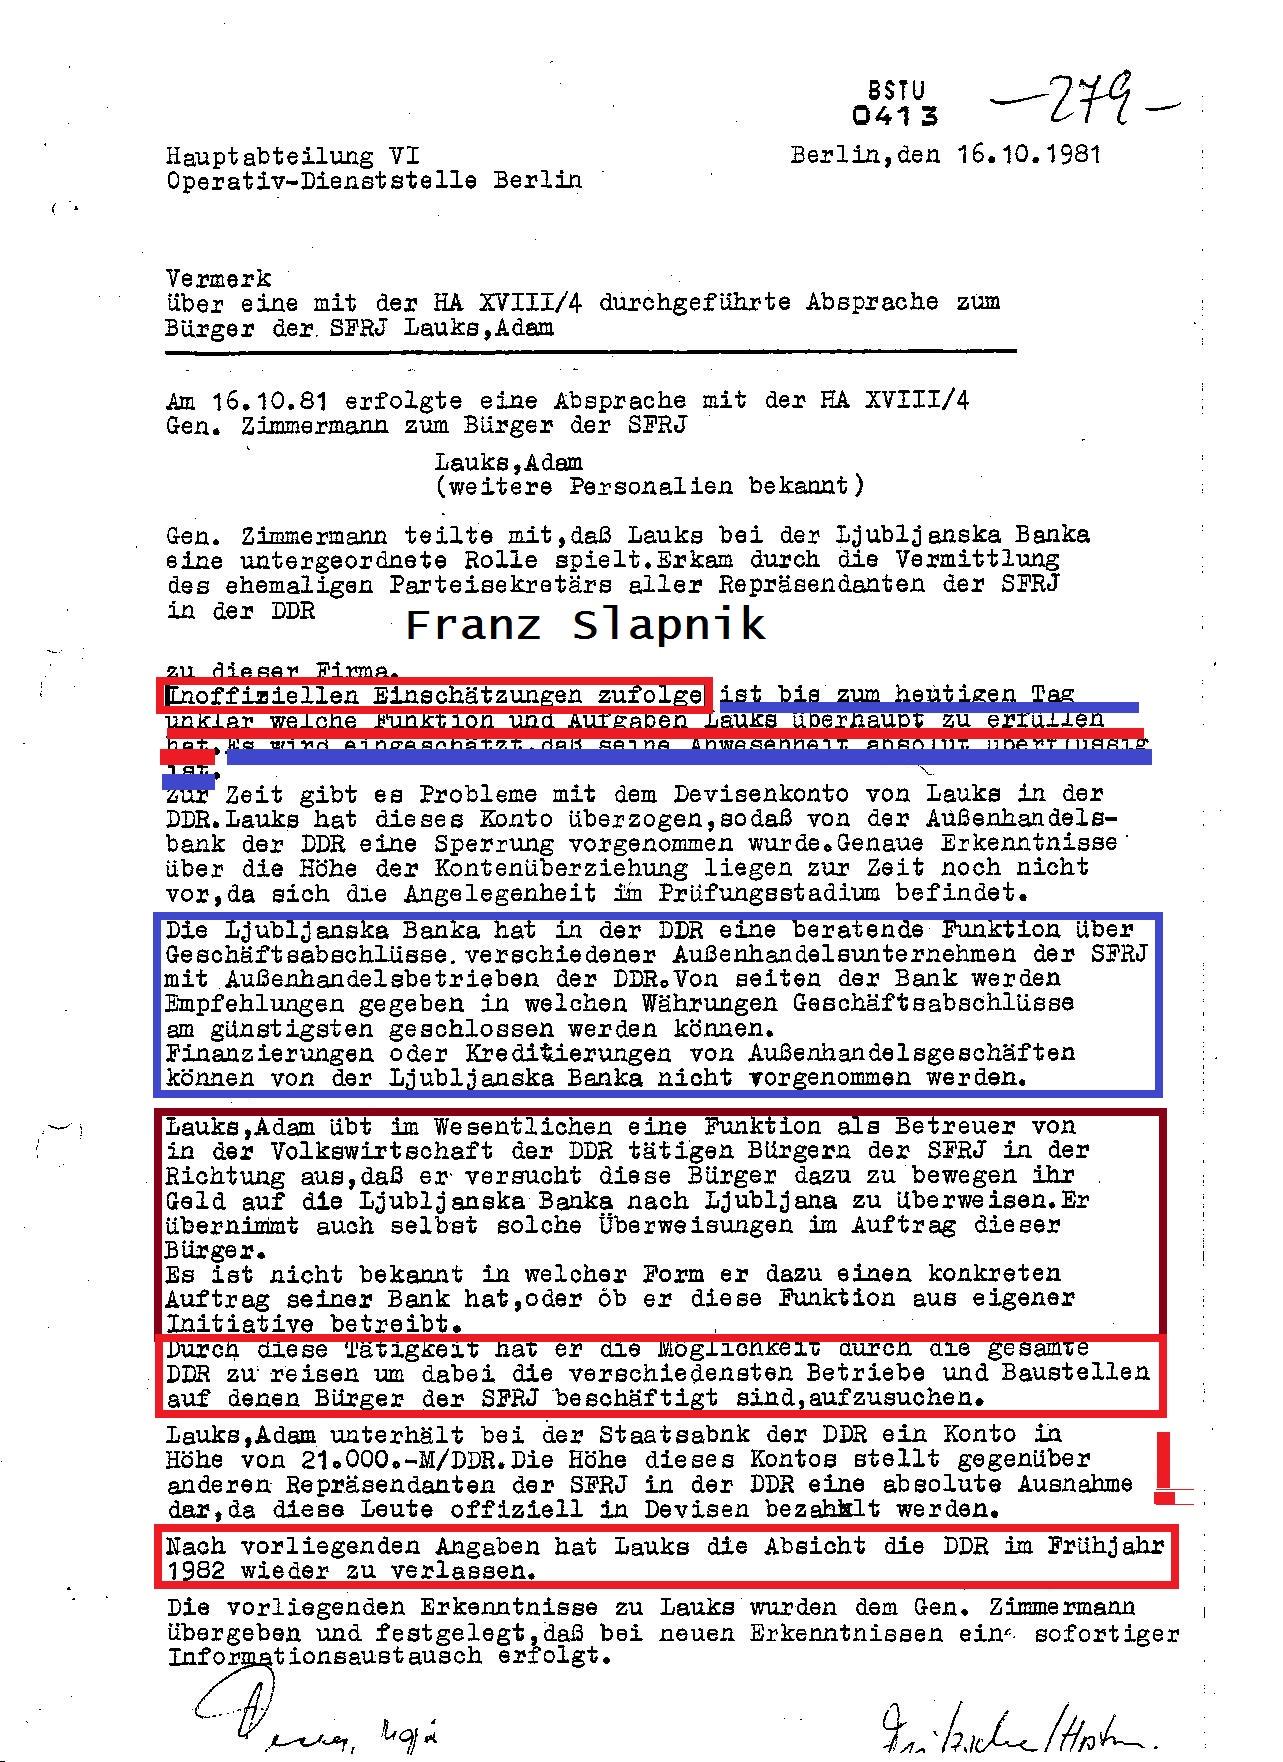 STASI verschleierte die Korruption im Ministerium für Finanzen der DDR durch den Direktor des JUGOBIROS Milivoje Stekovic zu Gunsten von den Repräsentanten jugoslawischer Firmen in dwer DDR.